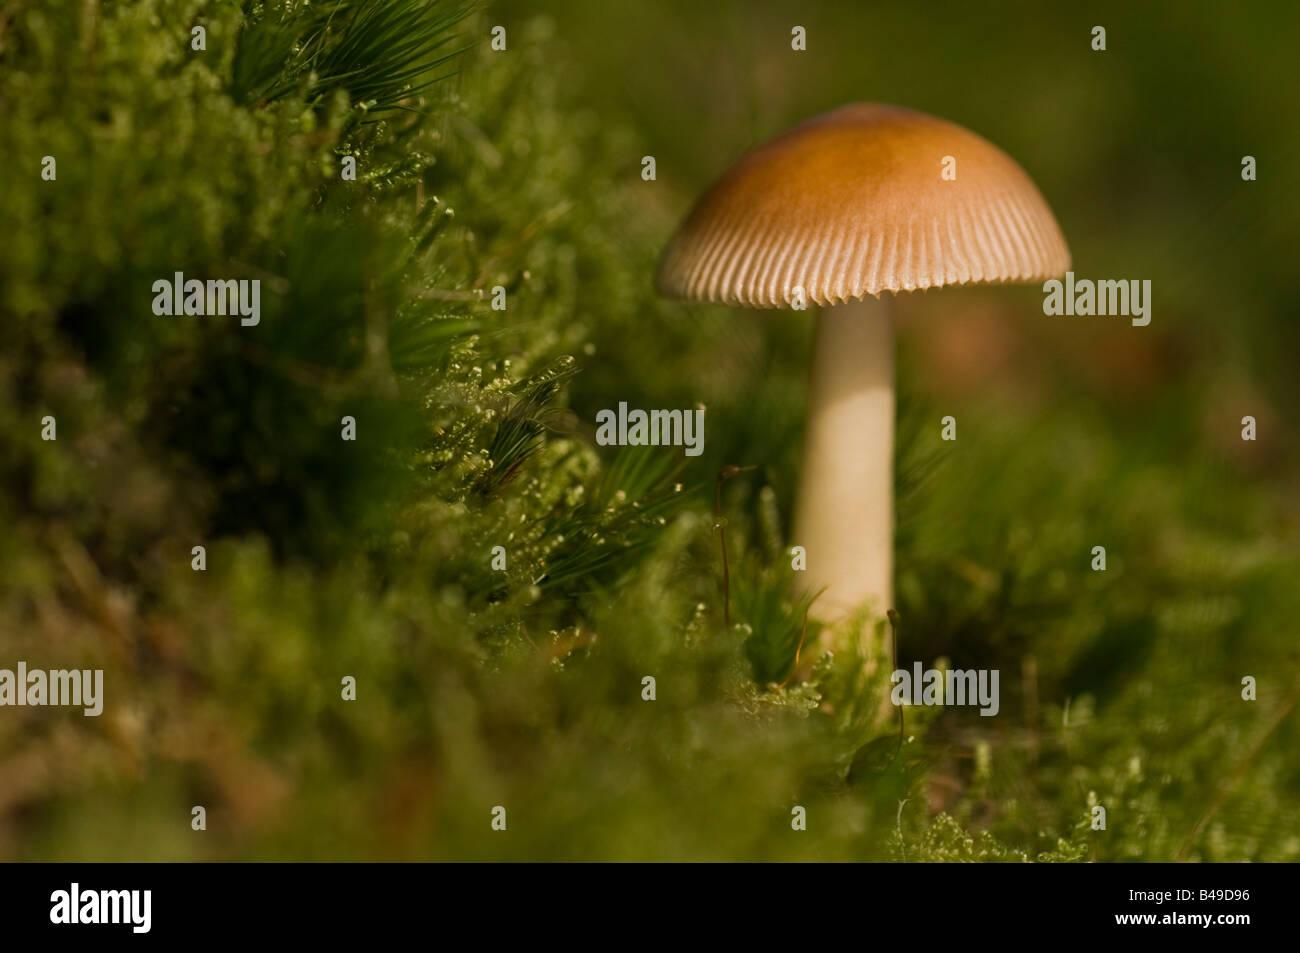 Growing on damp moss on woodland edge Uk. - Stock Image